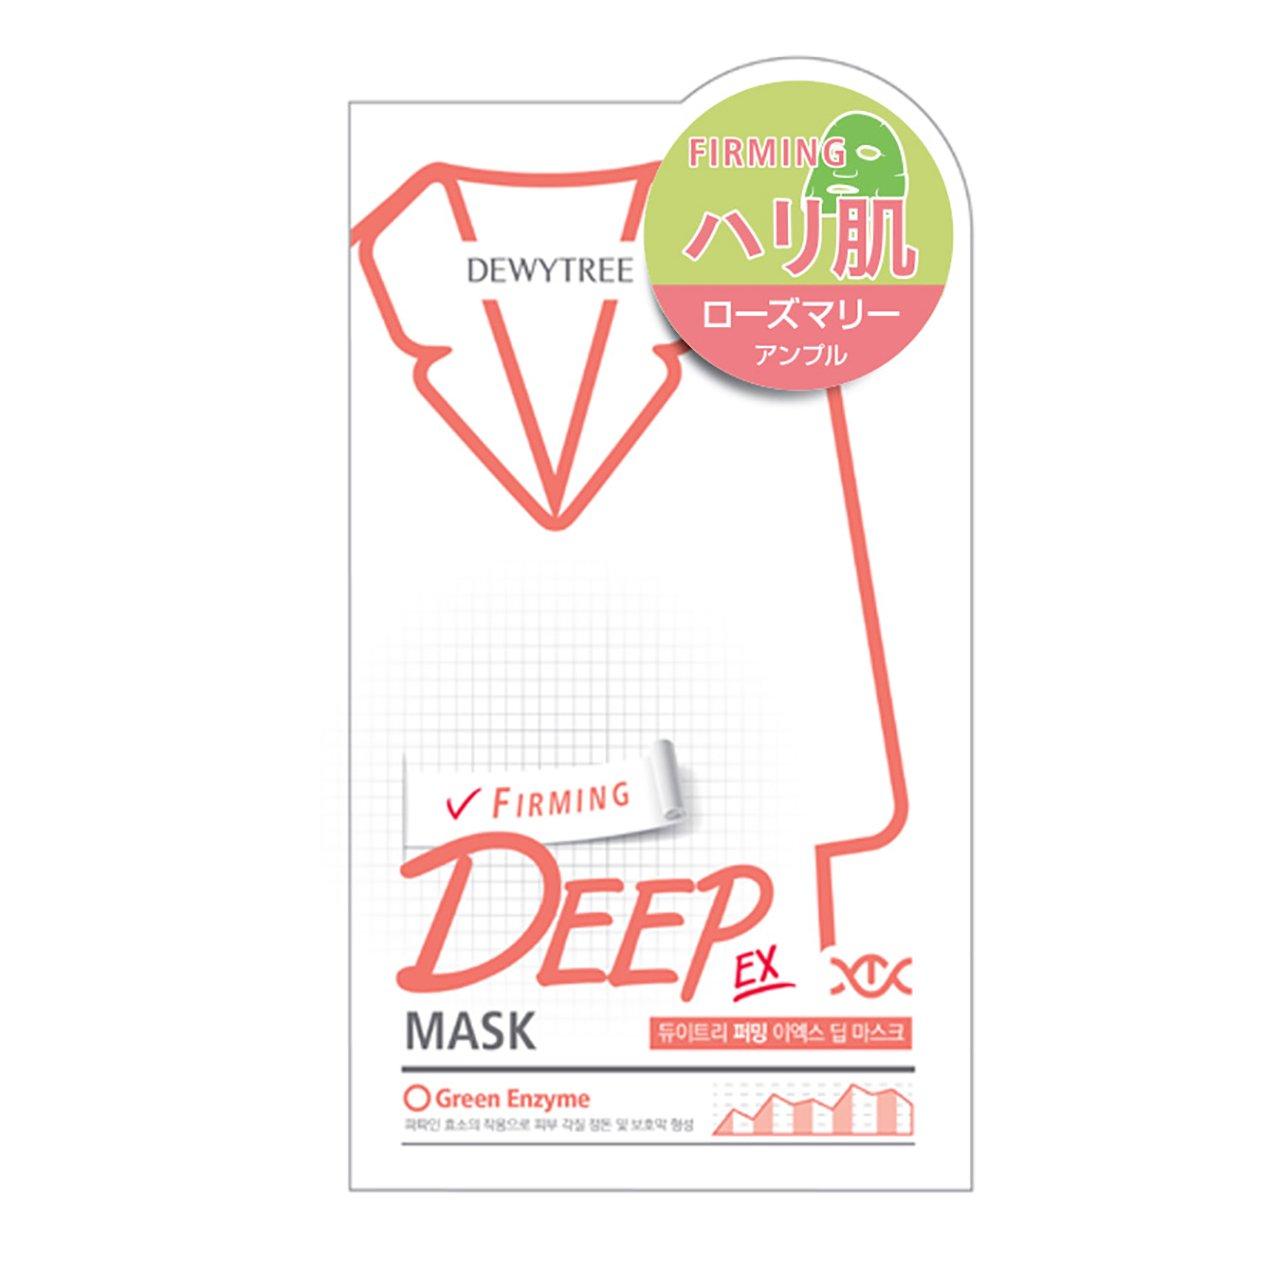 ディープマスク ファーミング